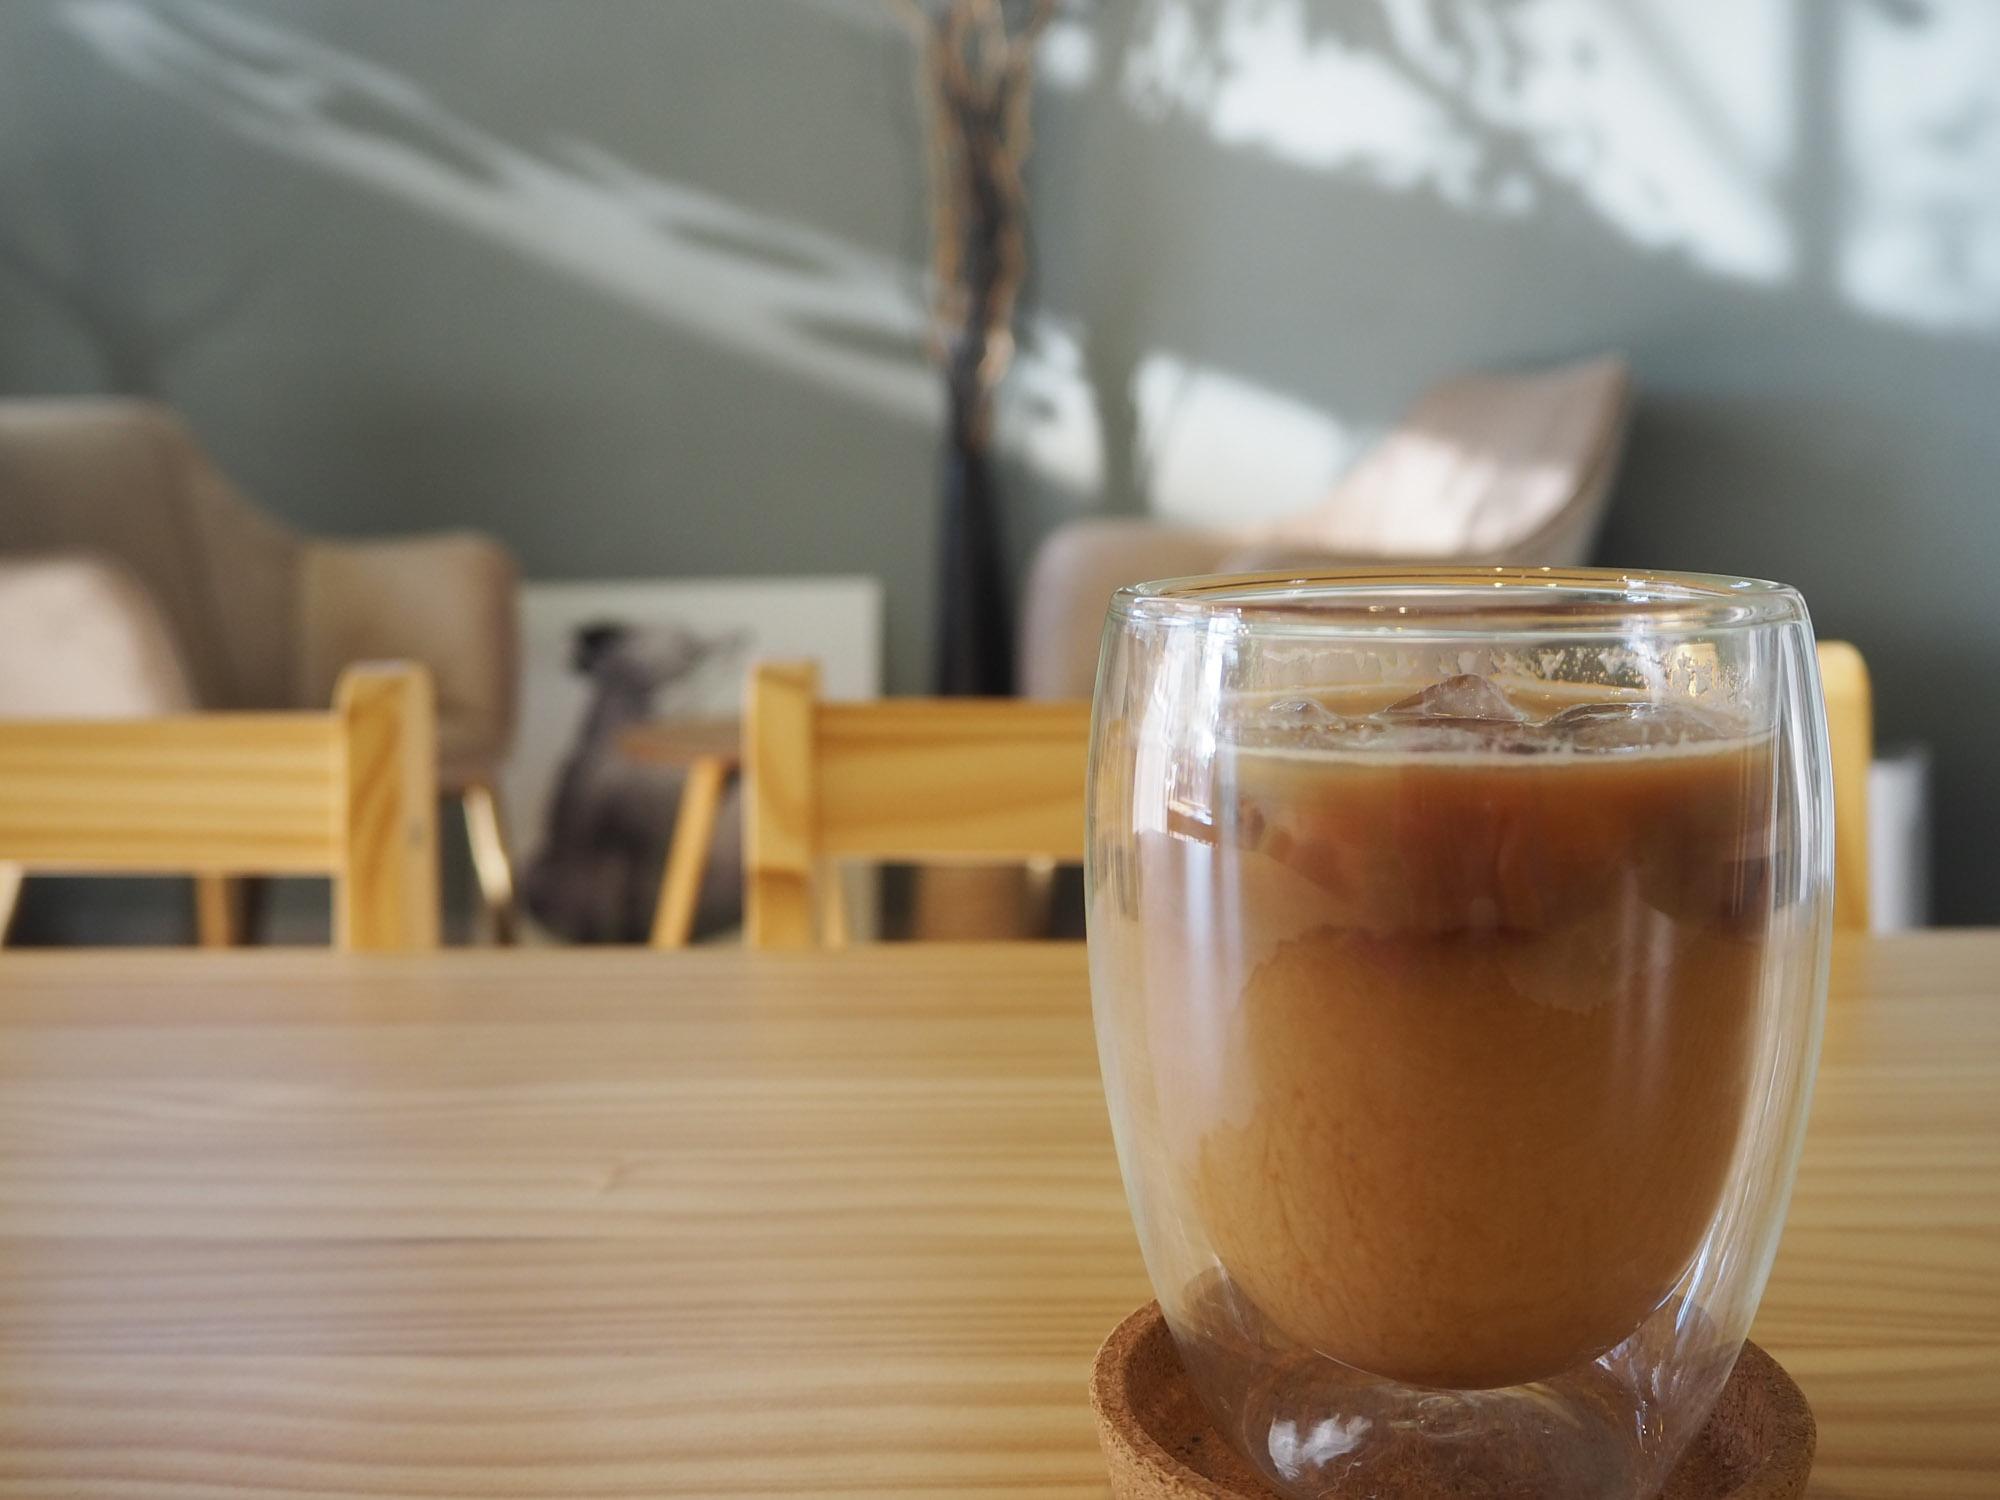 アイスカフェモカ(税込400円)をオーダー。なんだかどんぐりのようなフォルムのグラスがかわいいですね。